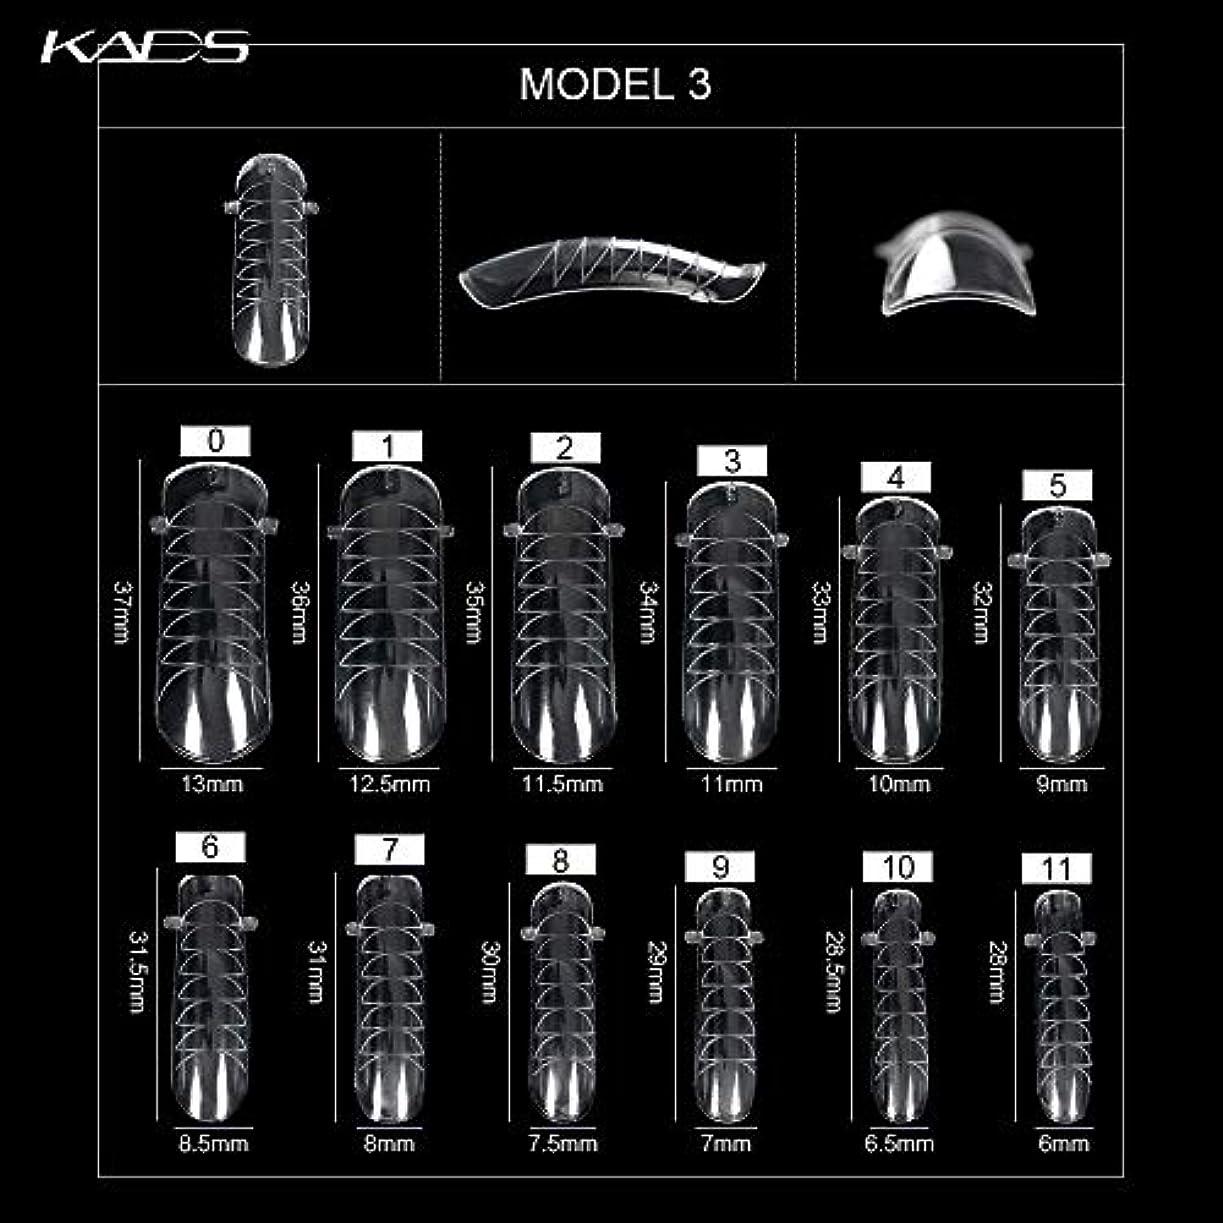 資金満足できる系統的KADS ネイルチップ 12サイズ/10PCS デュアルネイルフォーム UVジェルアクリルネイルアート 無地 透明 (サイズ3)